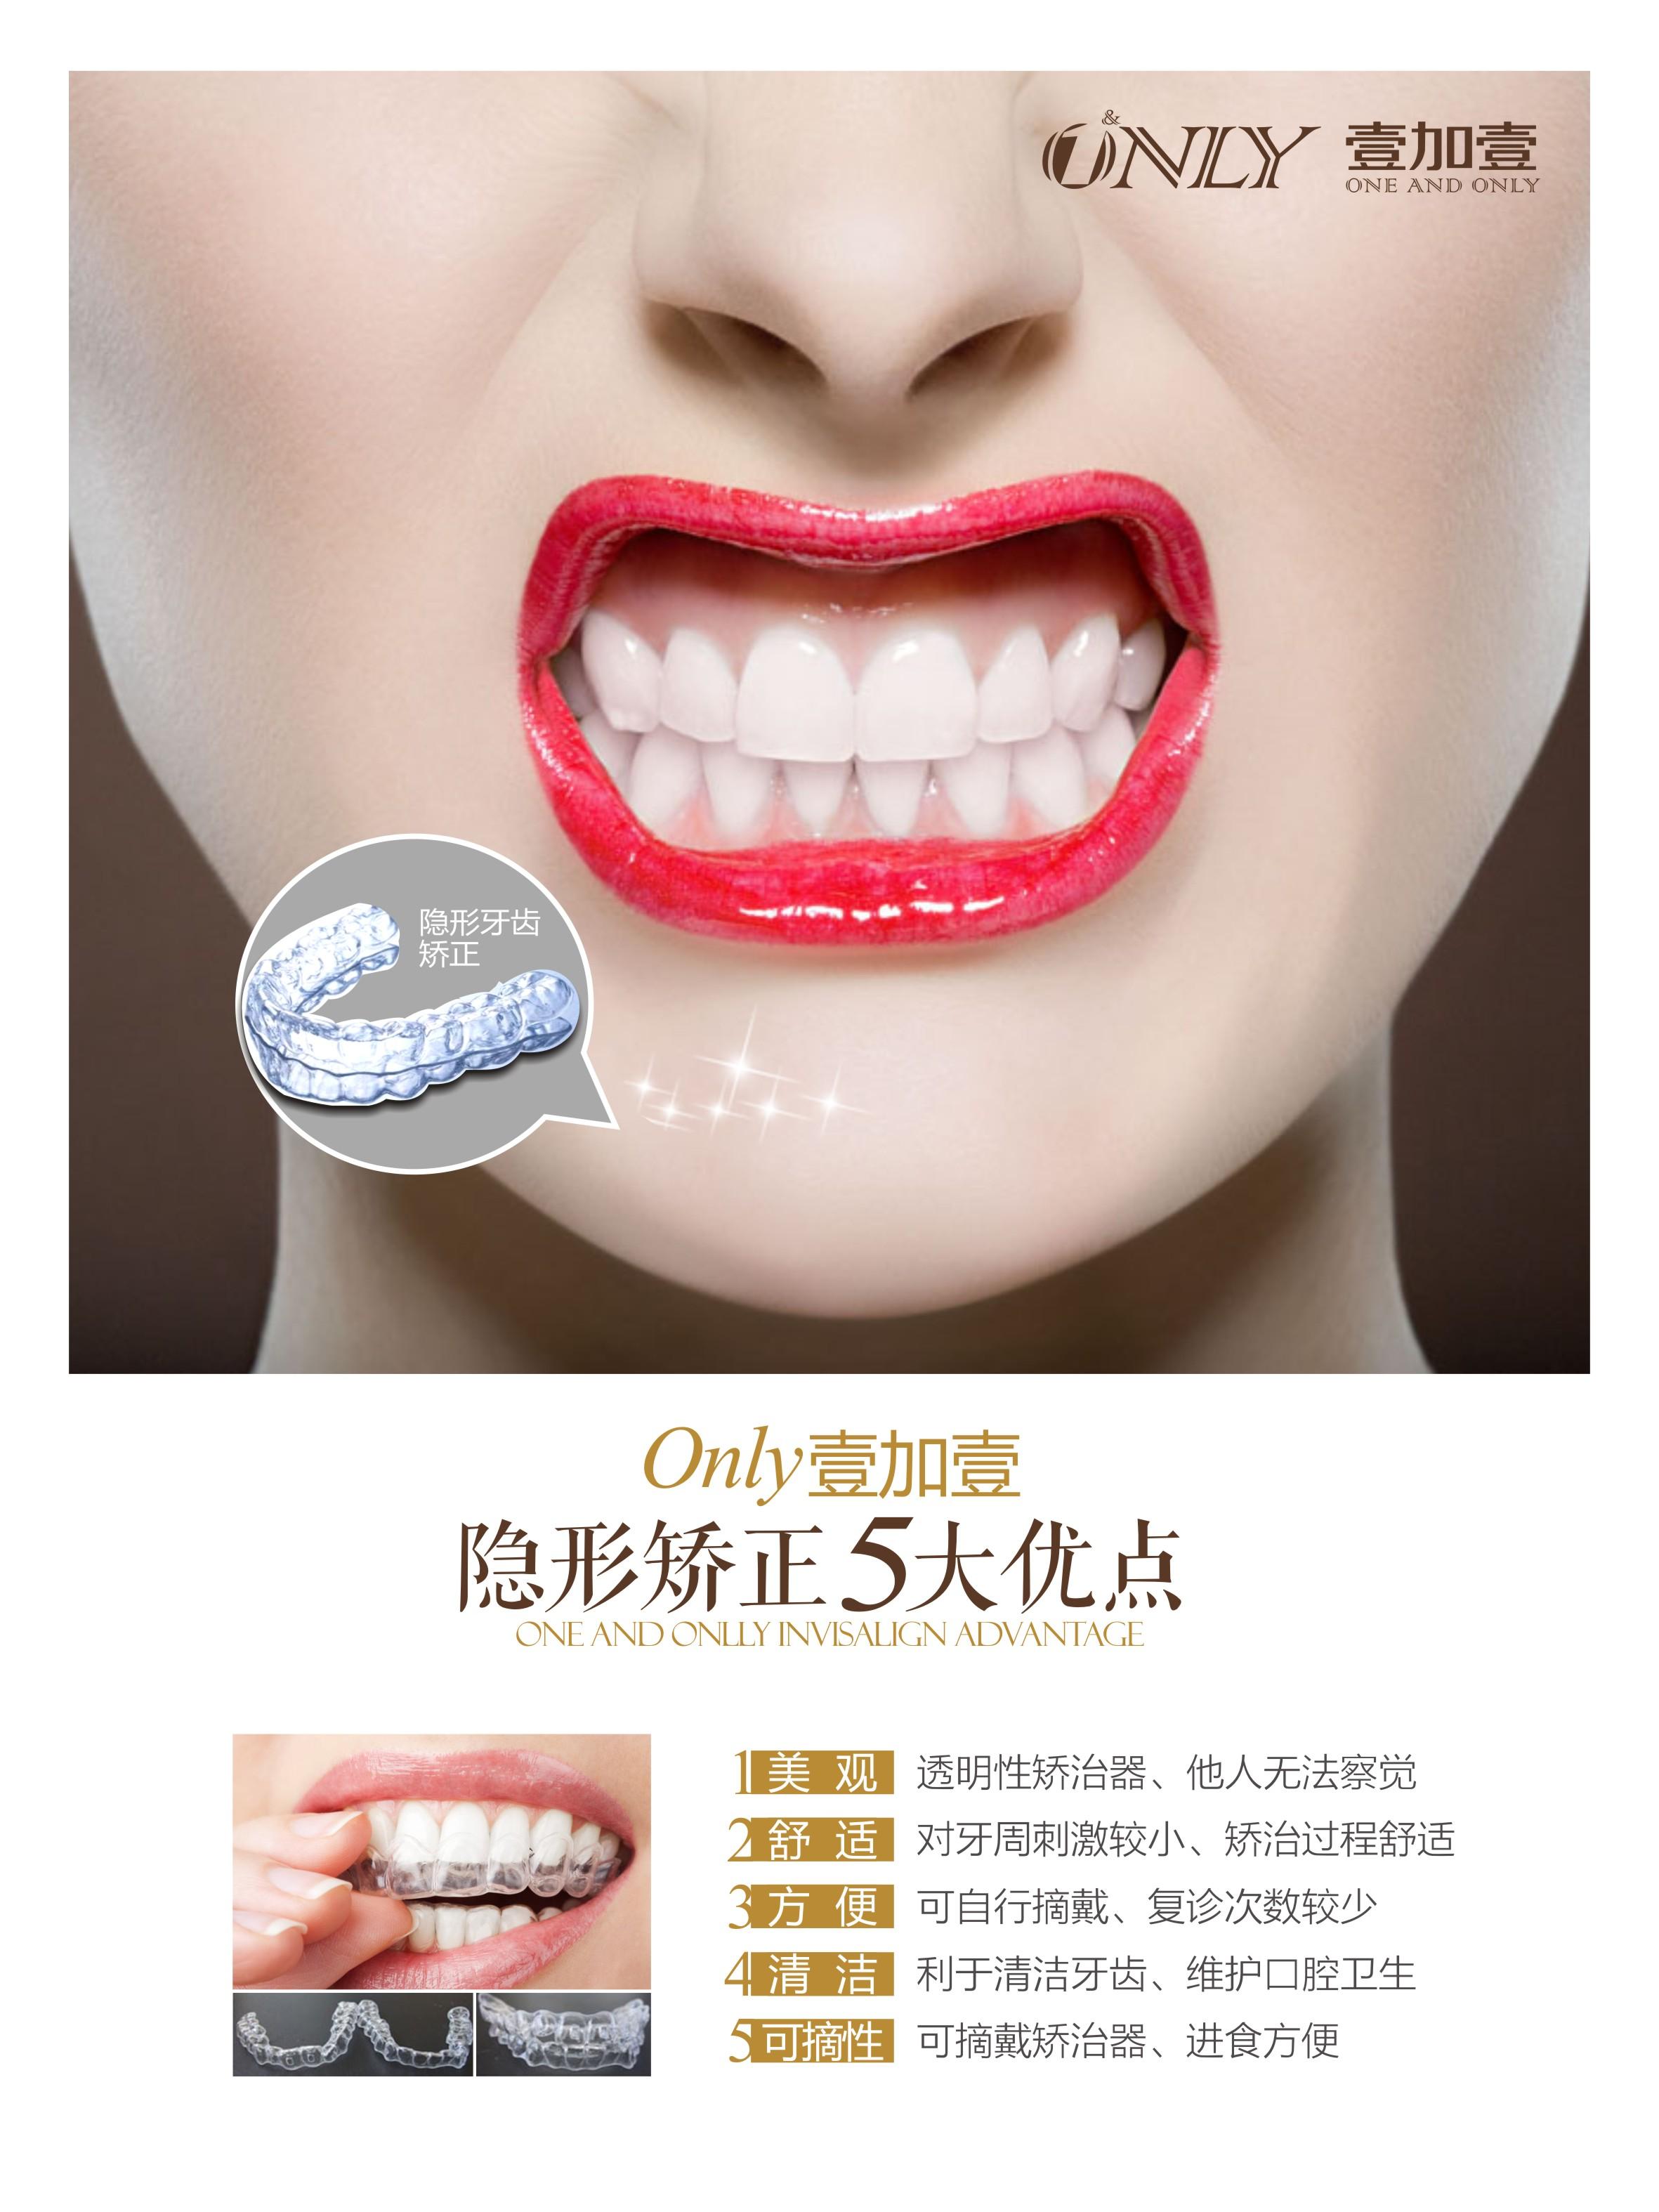 口腔技术-展板-1